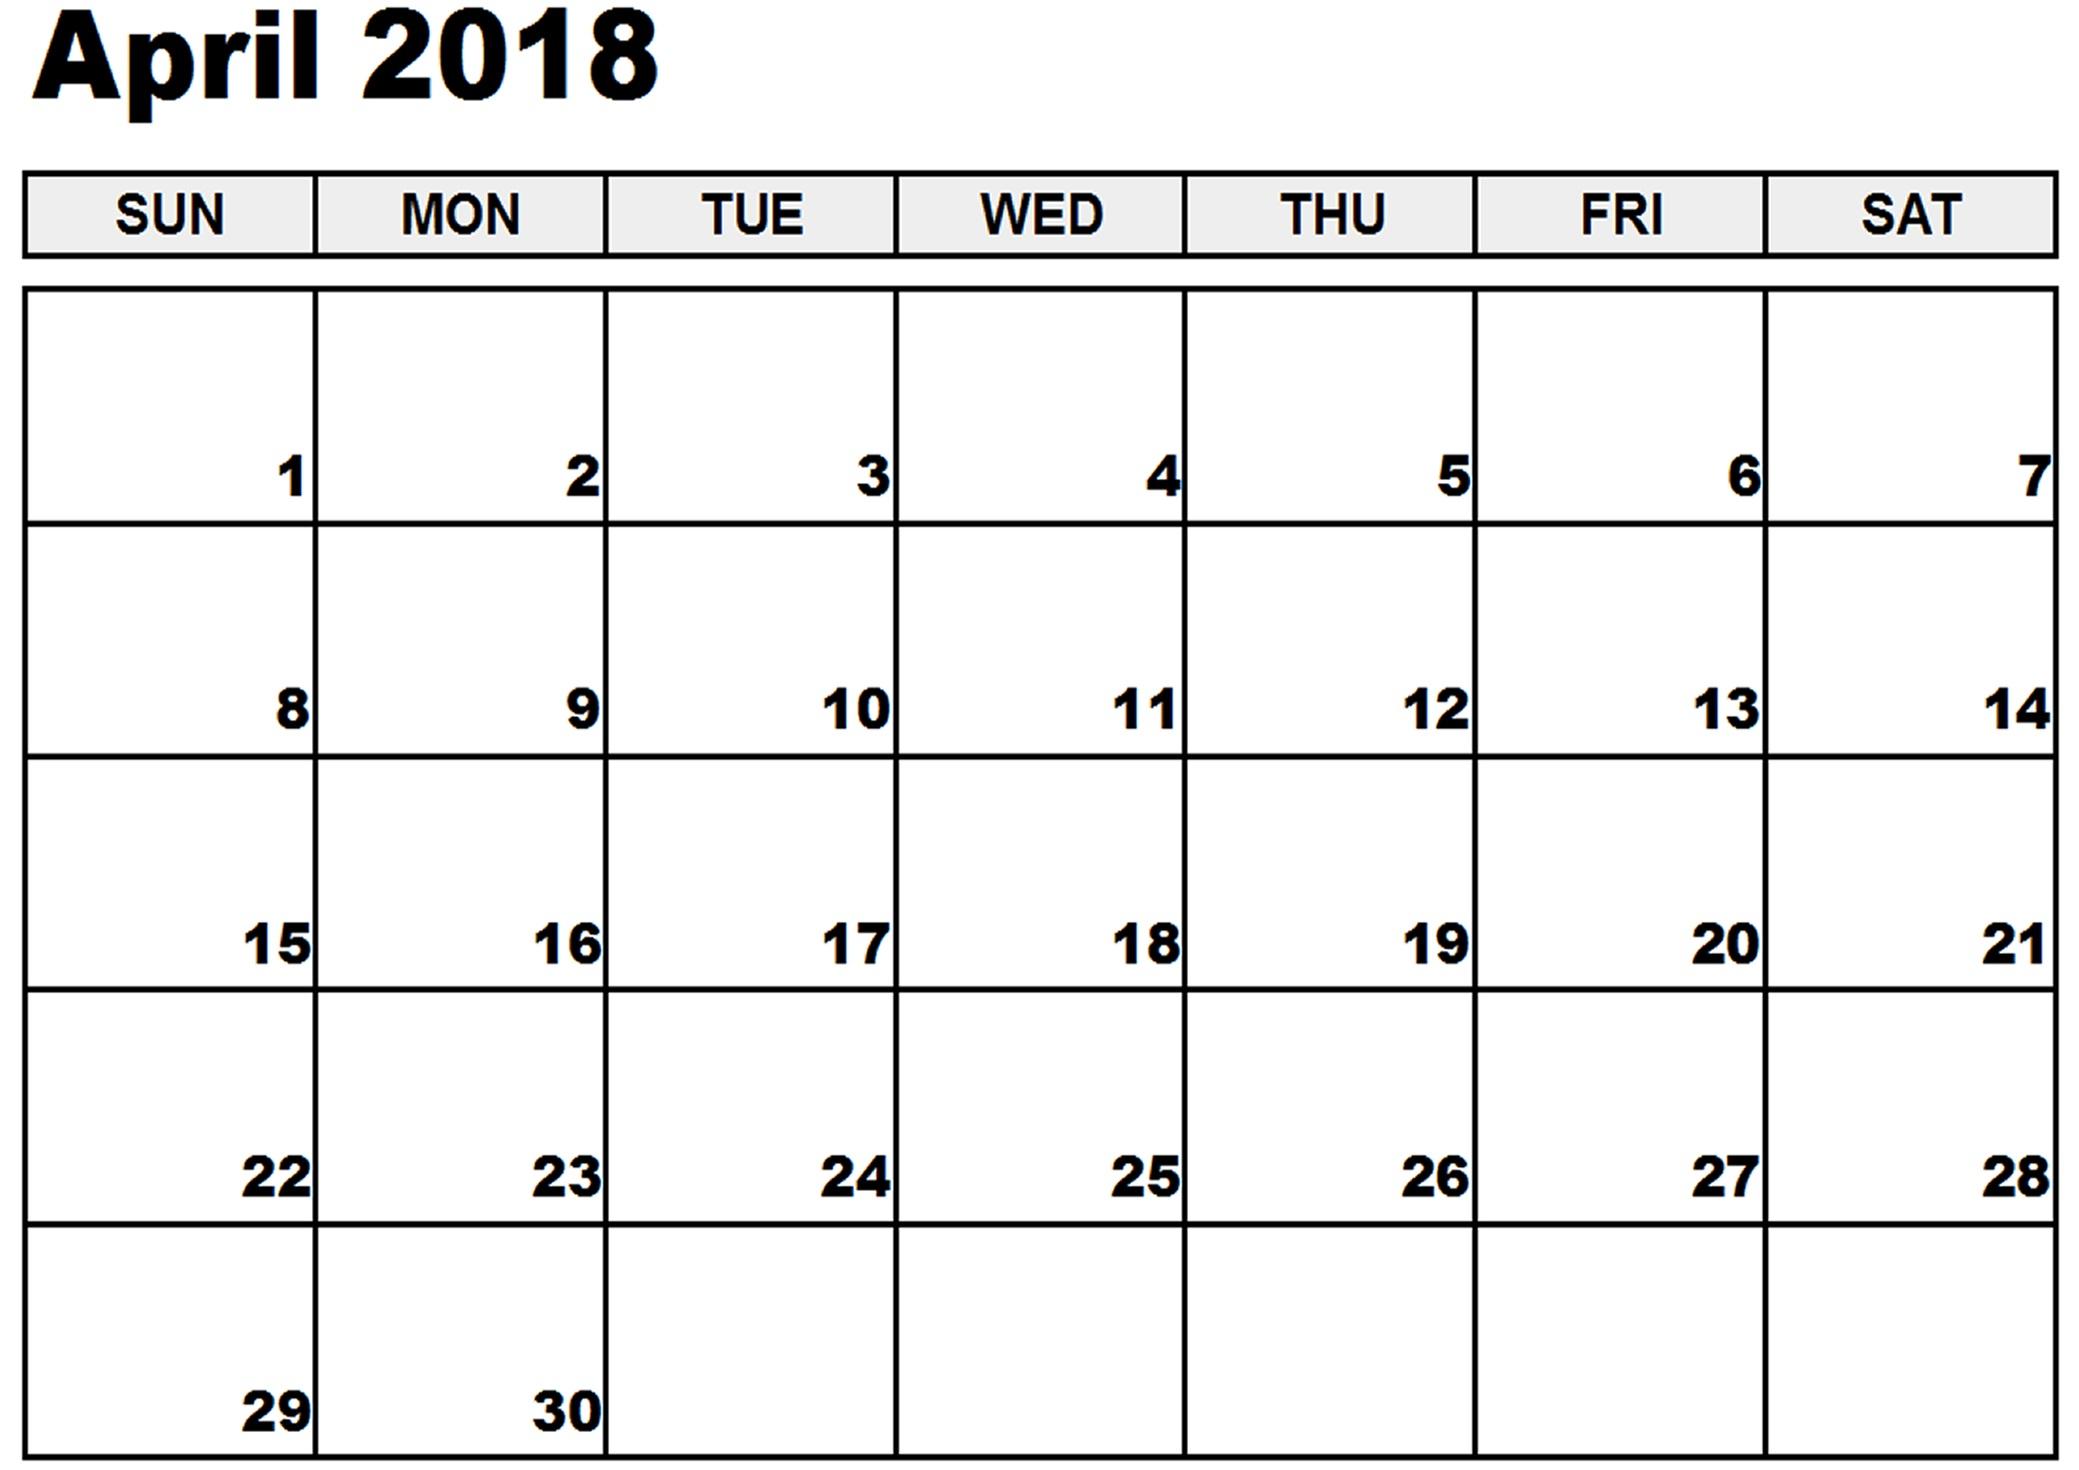 april-2018-calendar-word-1